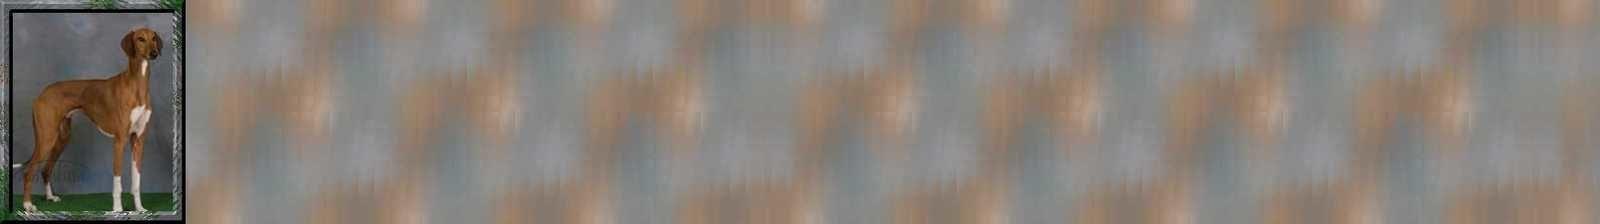 Levrier Incredimail &amp&#x3B; Papier A4 h l &amp&#x3B; outlook &amp&#x3B; enveloppe &amp&#x3B; 2 cartes A5 &amp&#x3B; signets 3 langues chien_210008